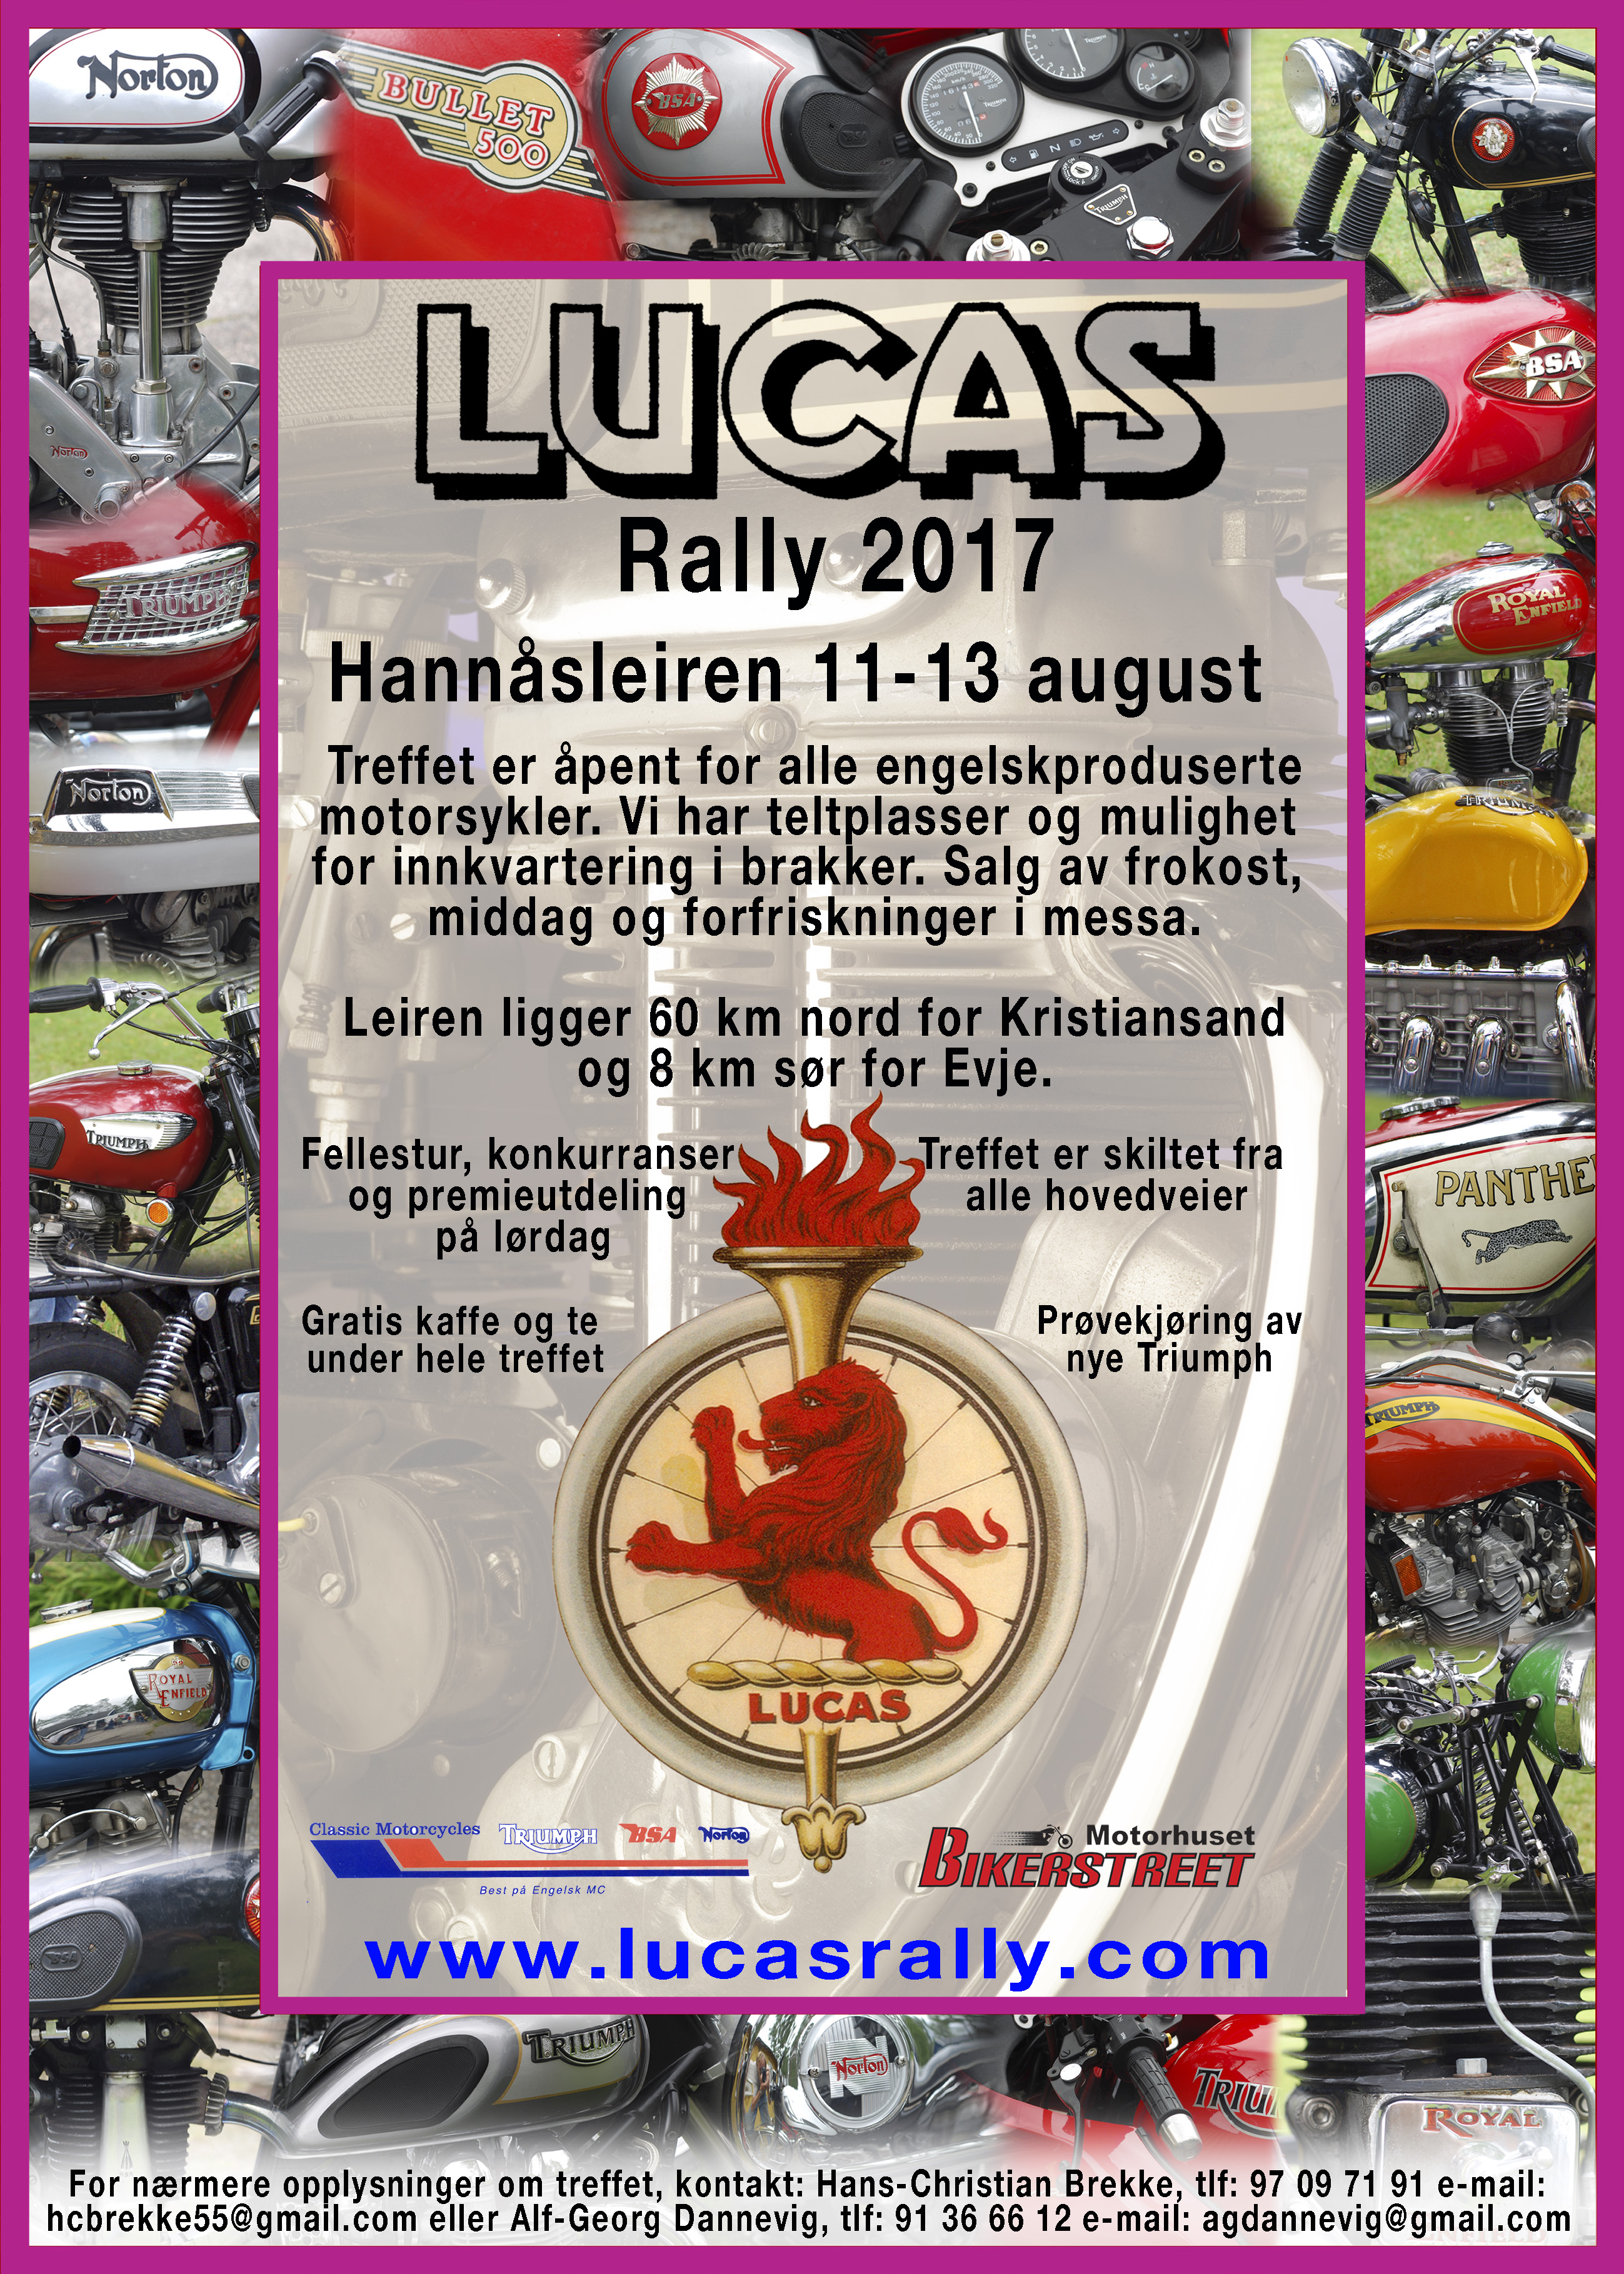 Lucas-rally 2017